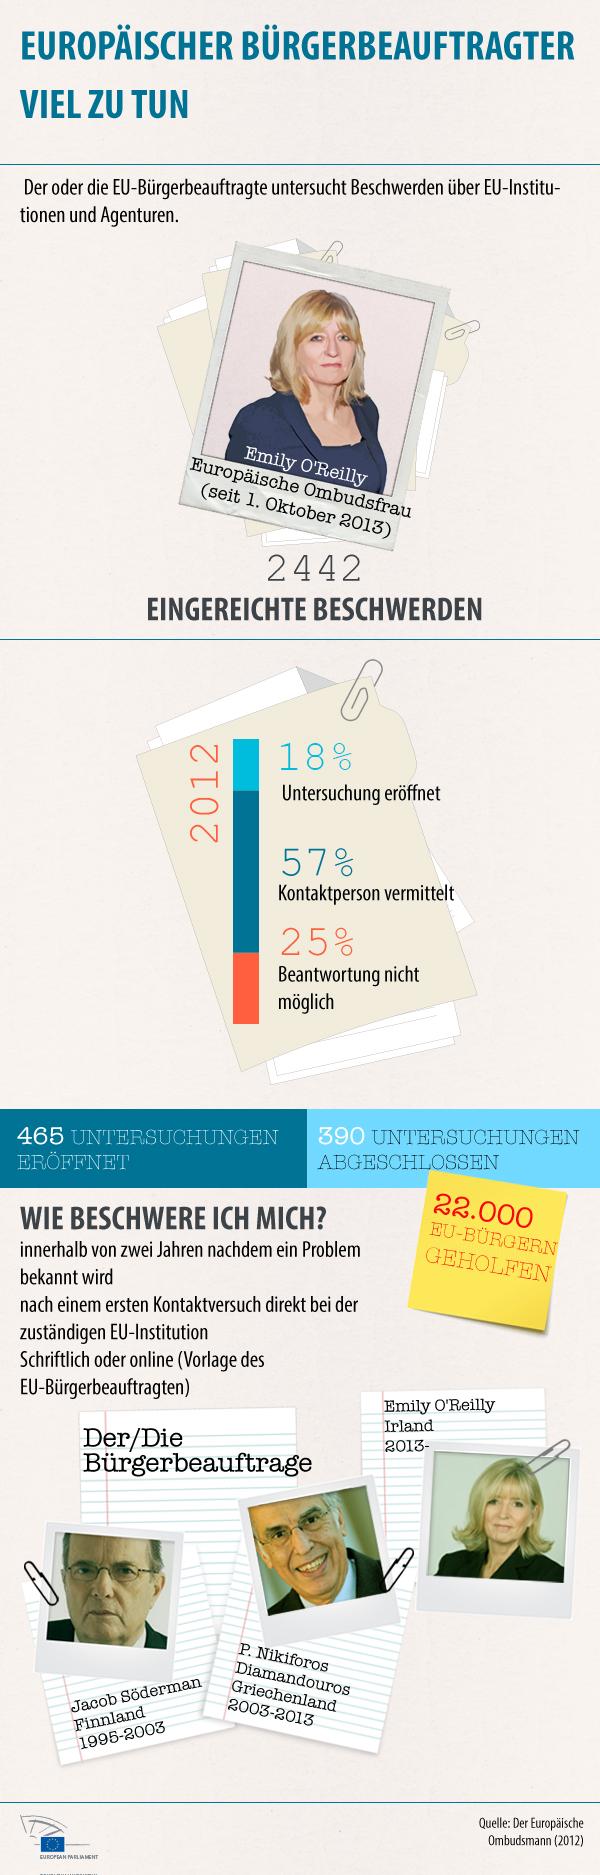 Ombudsman_DE